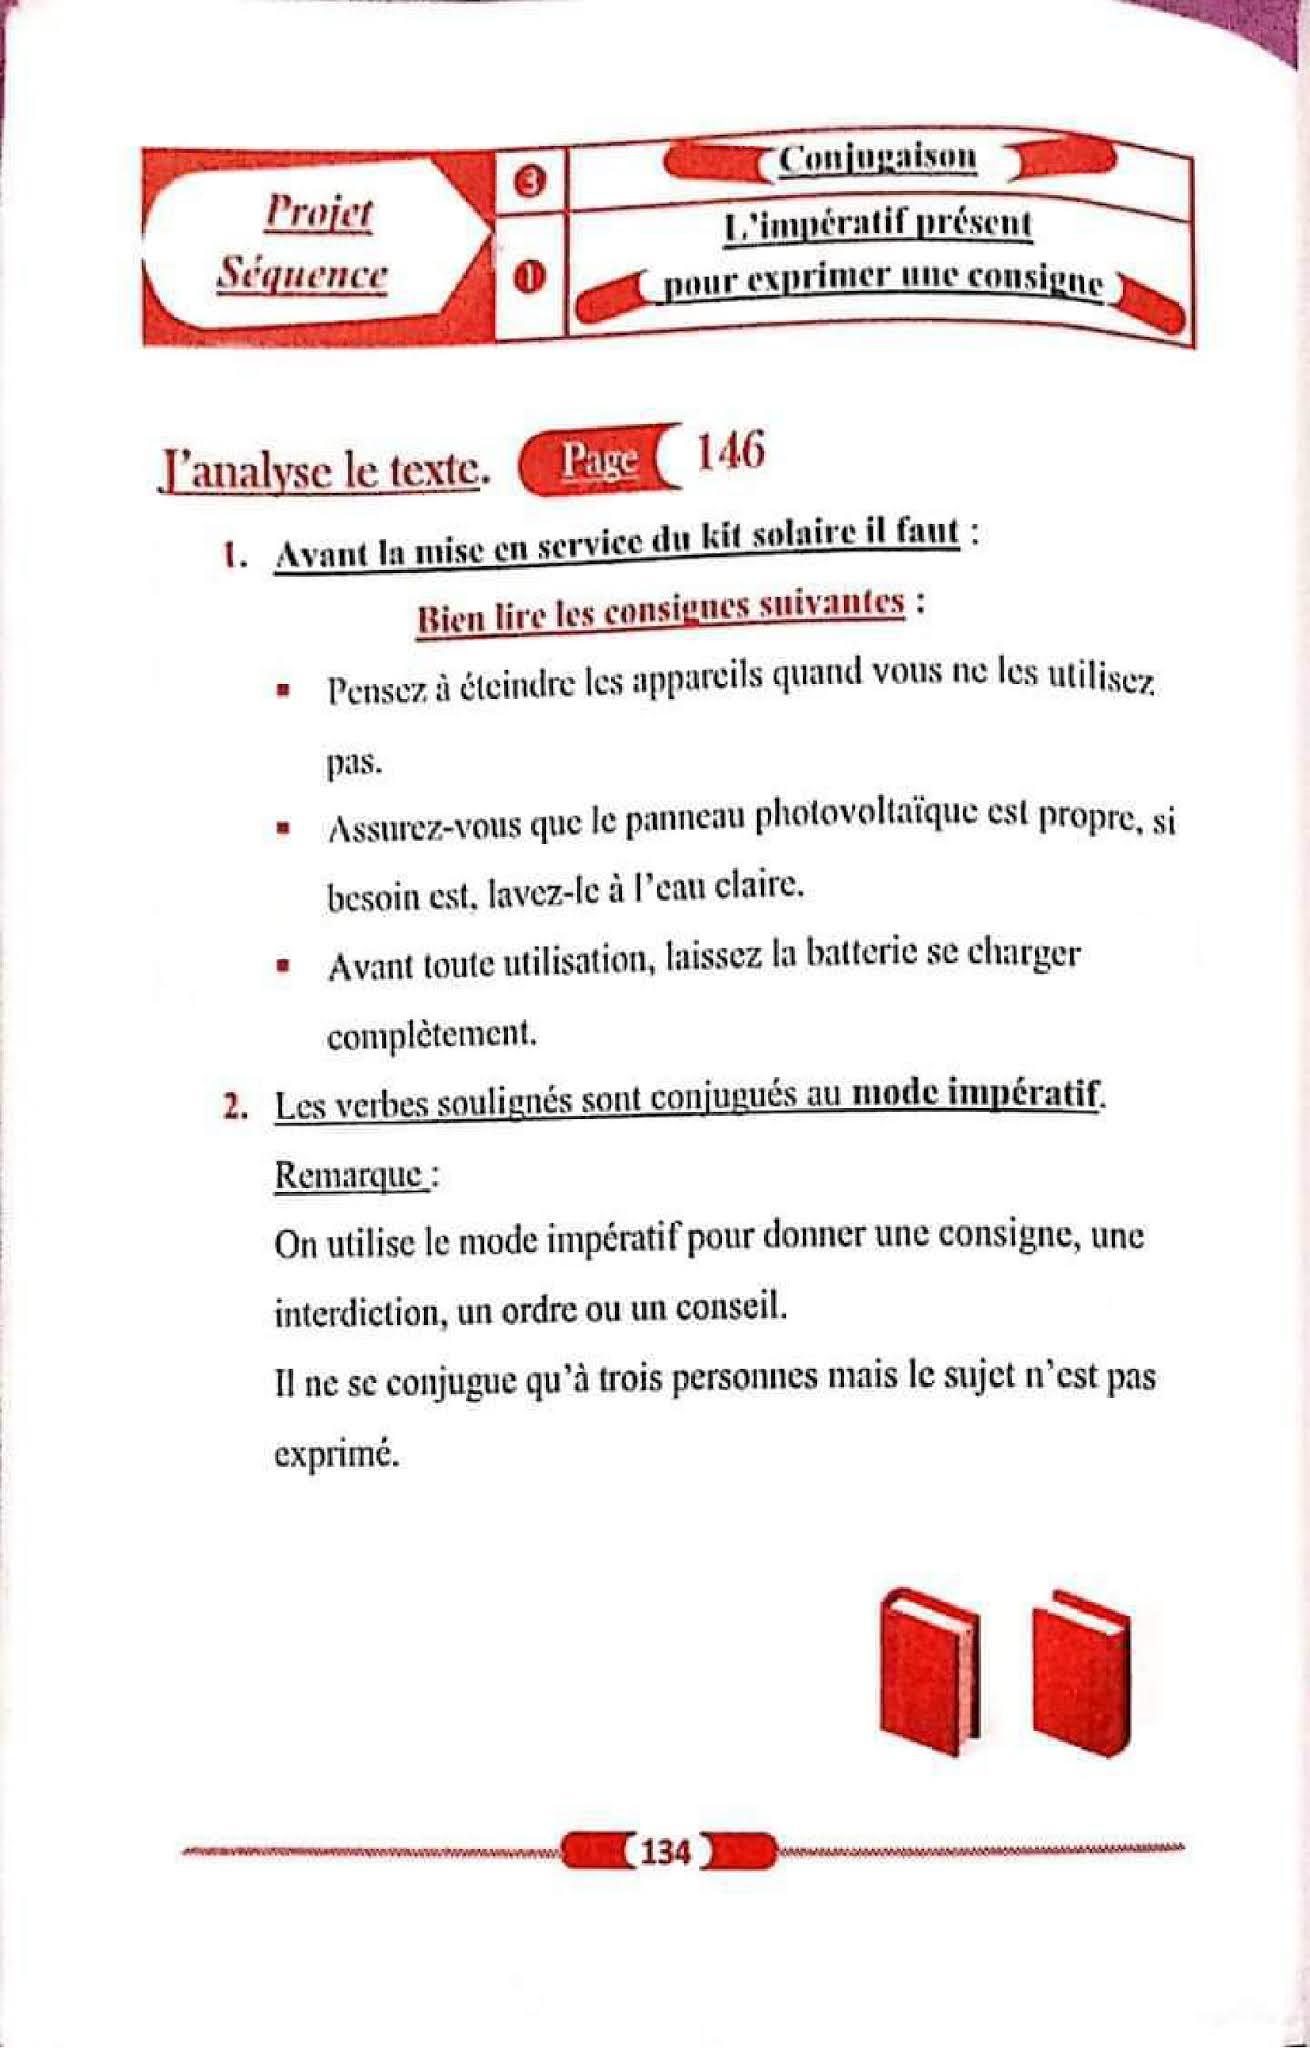 حل تمارين صفحة 146 الفرنسية للسنة الأولى متوسط الجيل الثاني